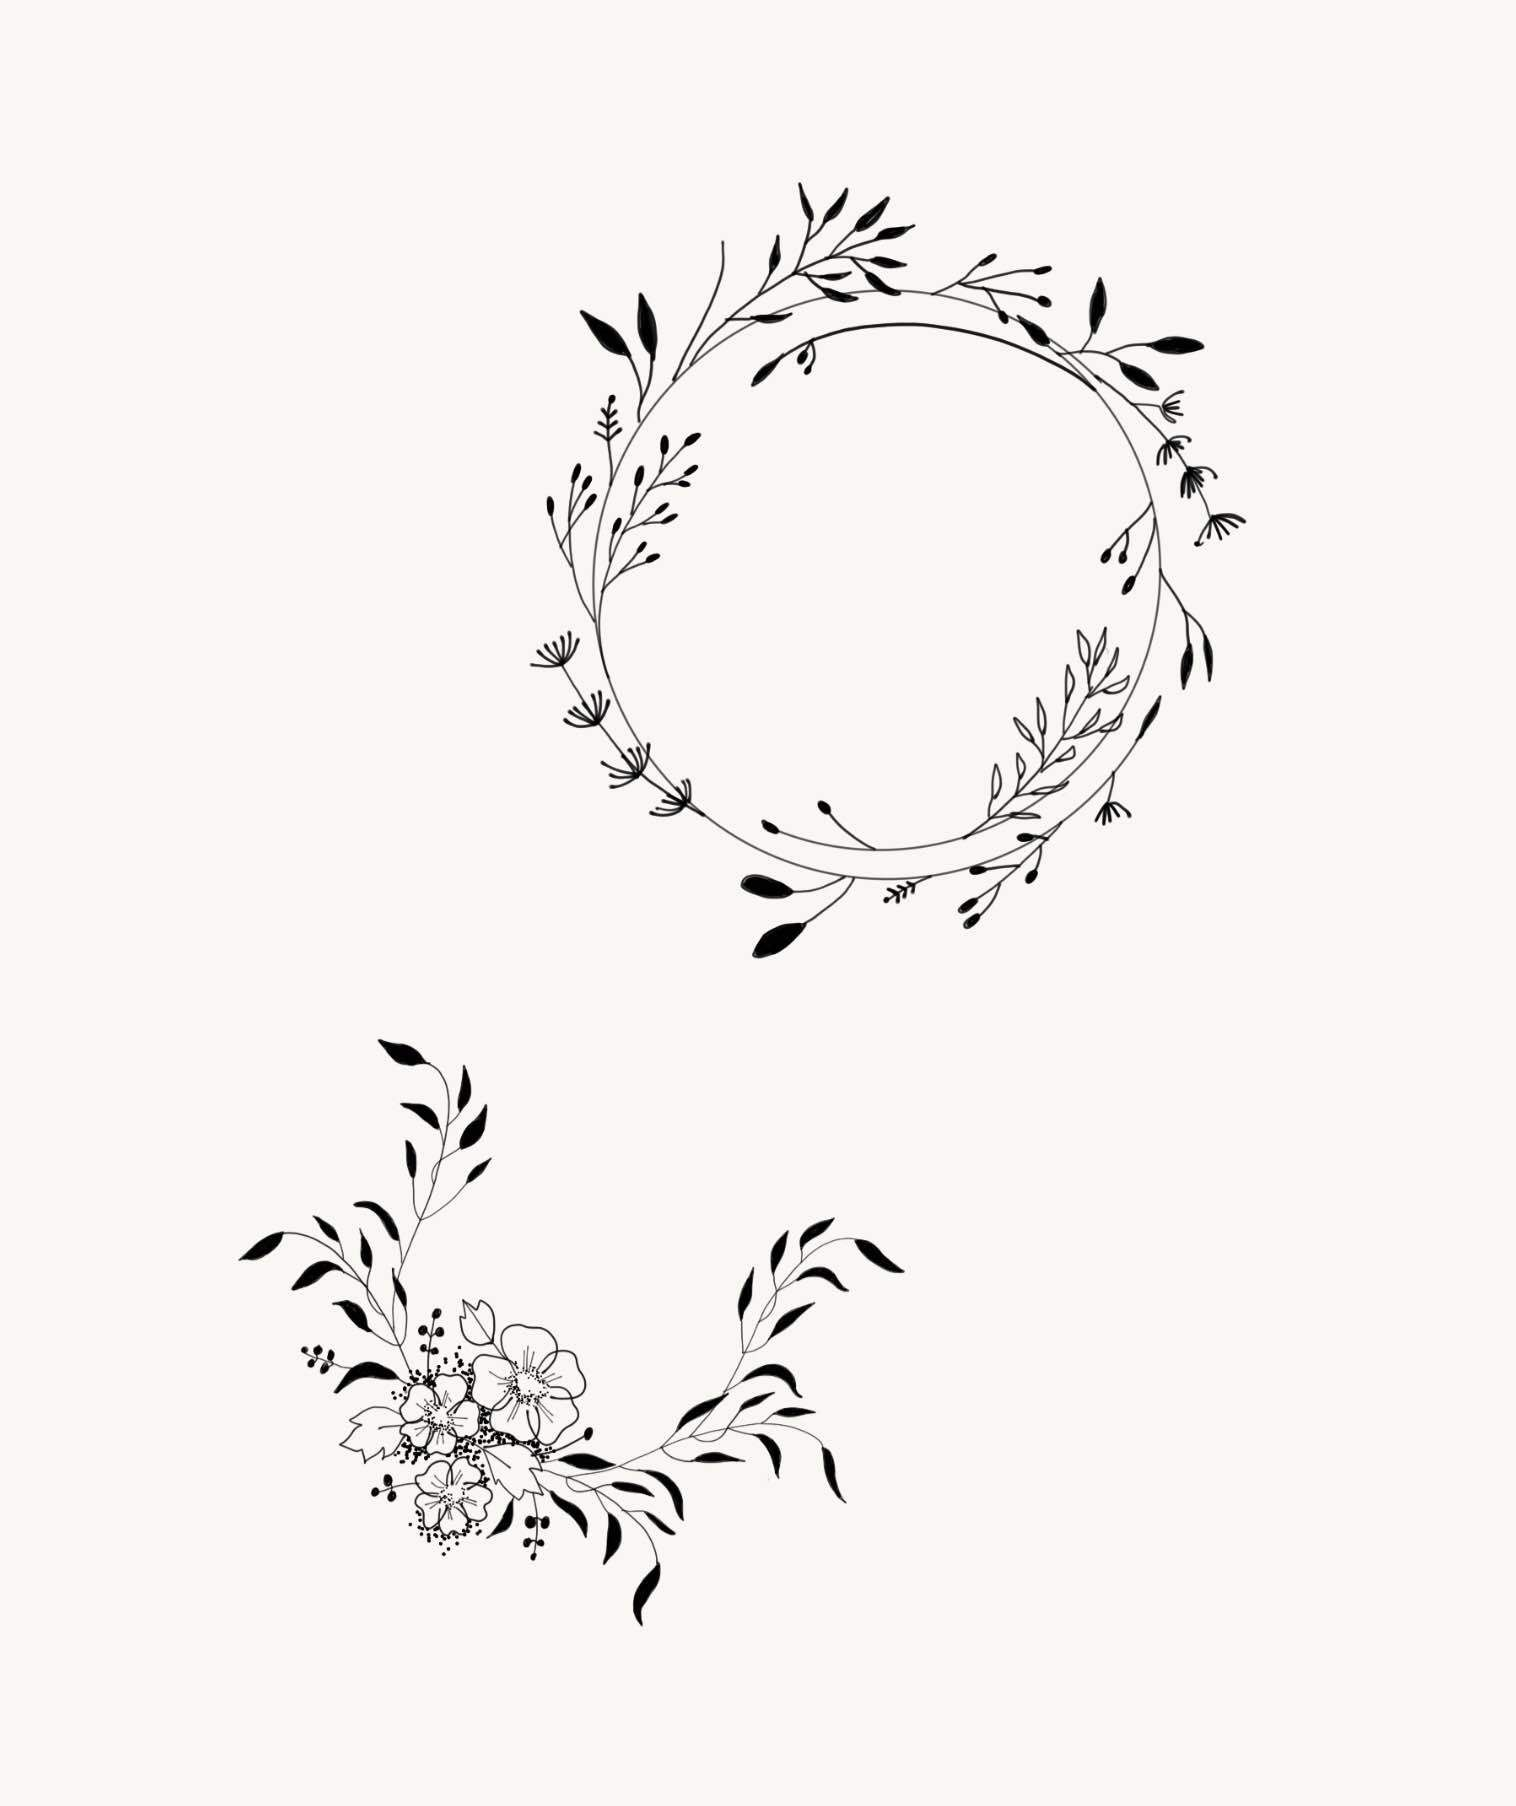 Minimalist Simple Flower Circle Tattoo